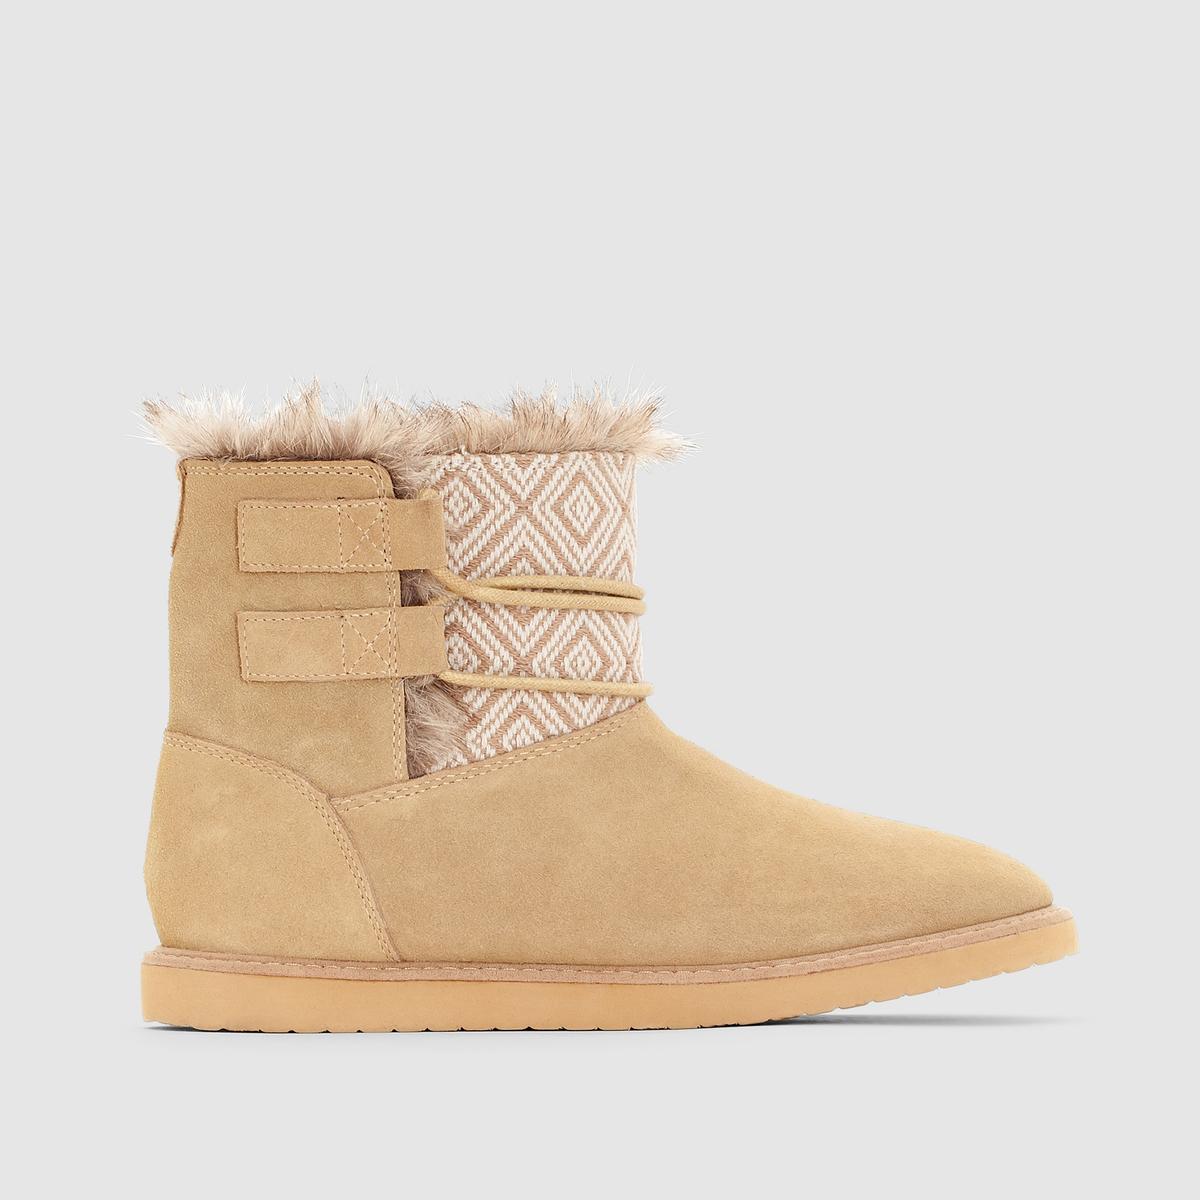 Ботинки Tara J Boot TanСтильные ботинки с искусственным мехом и рисунками от Roxy !<br><br>Цвет: темно-коричневый